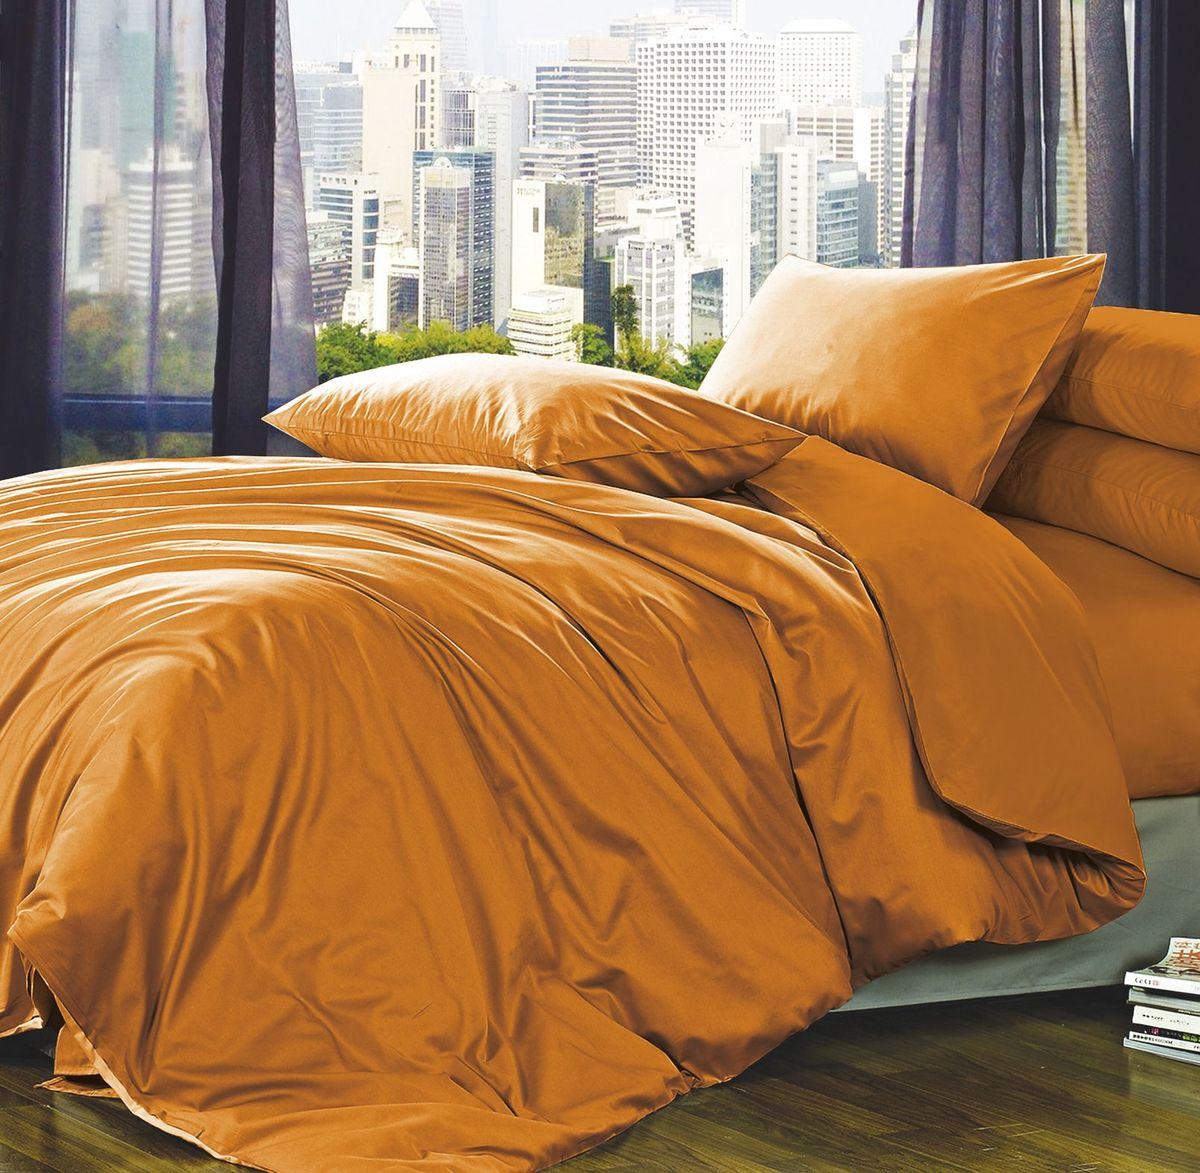 Комплект белья Коллекция Оранжевый, 2,5-спальный, наволочки 50x70. ПС2.5/50/ОЗ/орПС2.5/50/ОЗ/ор